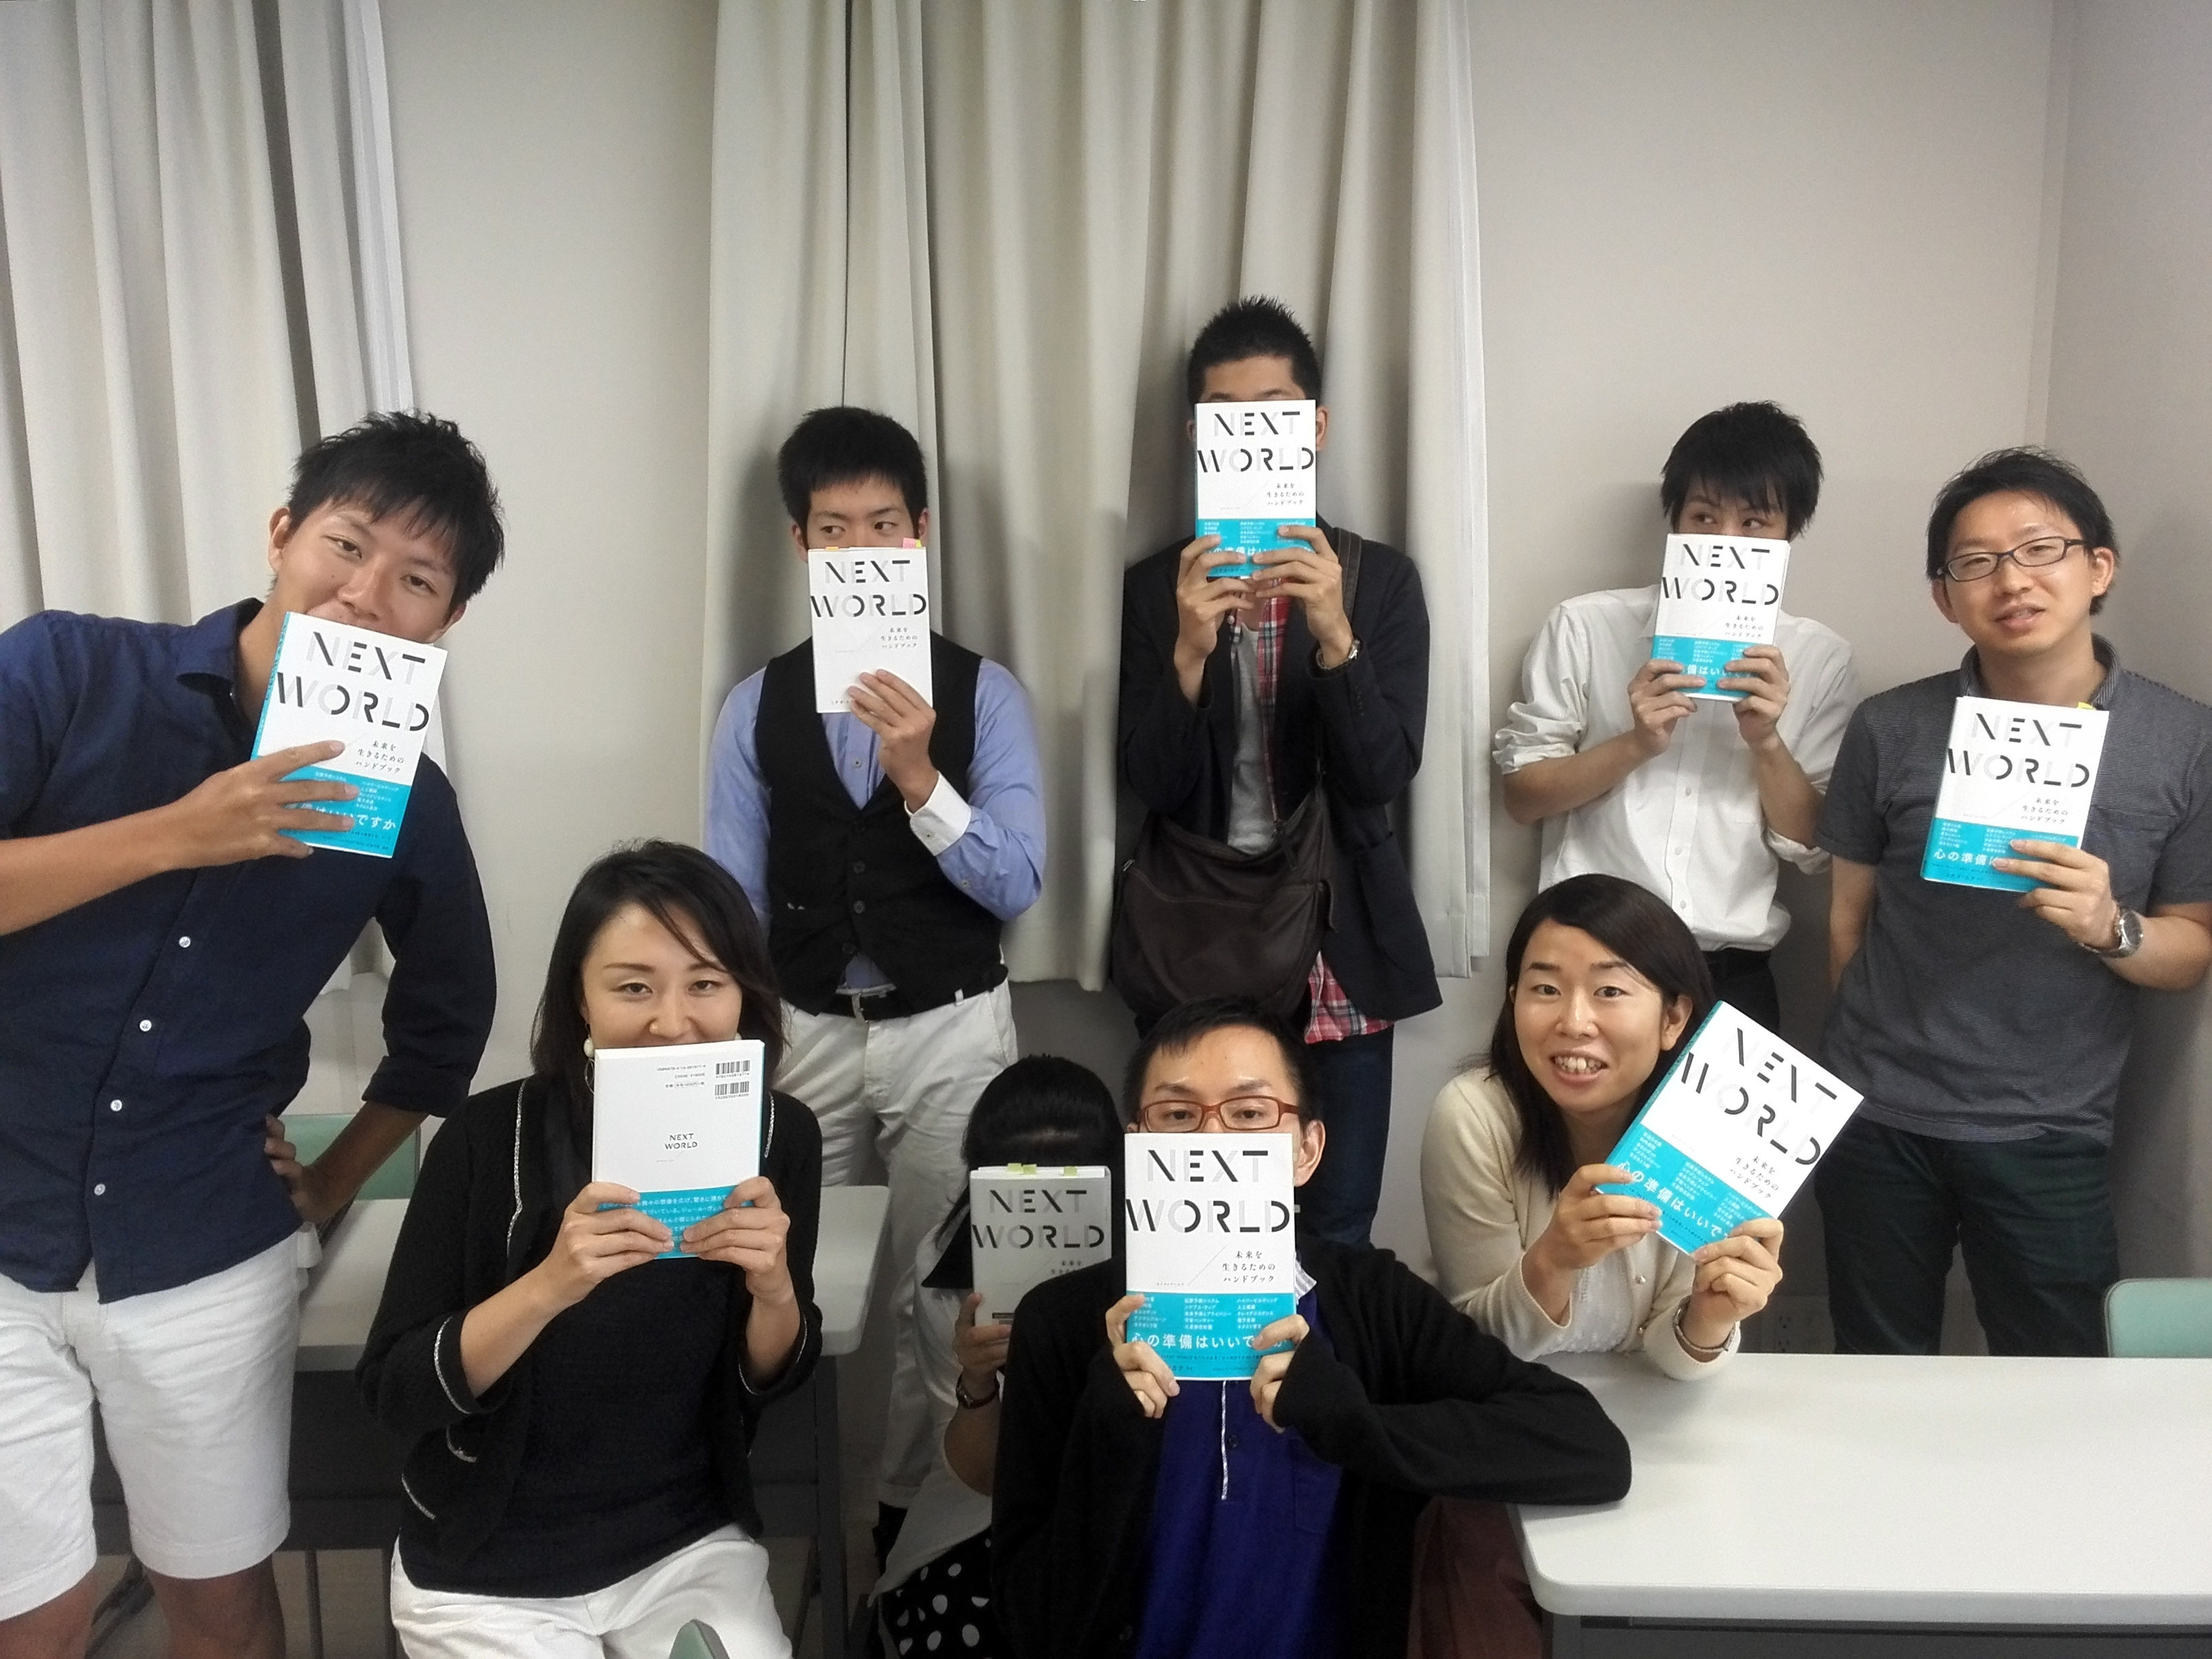 《開催報告》2015年9月読書会『NEXT WORLD―未来を生きるためのハンドブック』 NHKスペシャルNEXT WORLD制作班